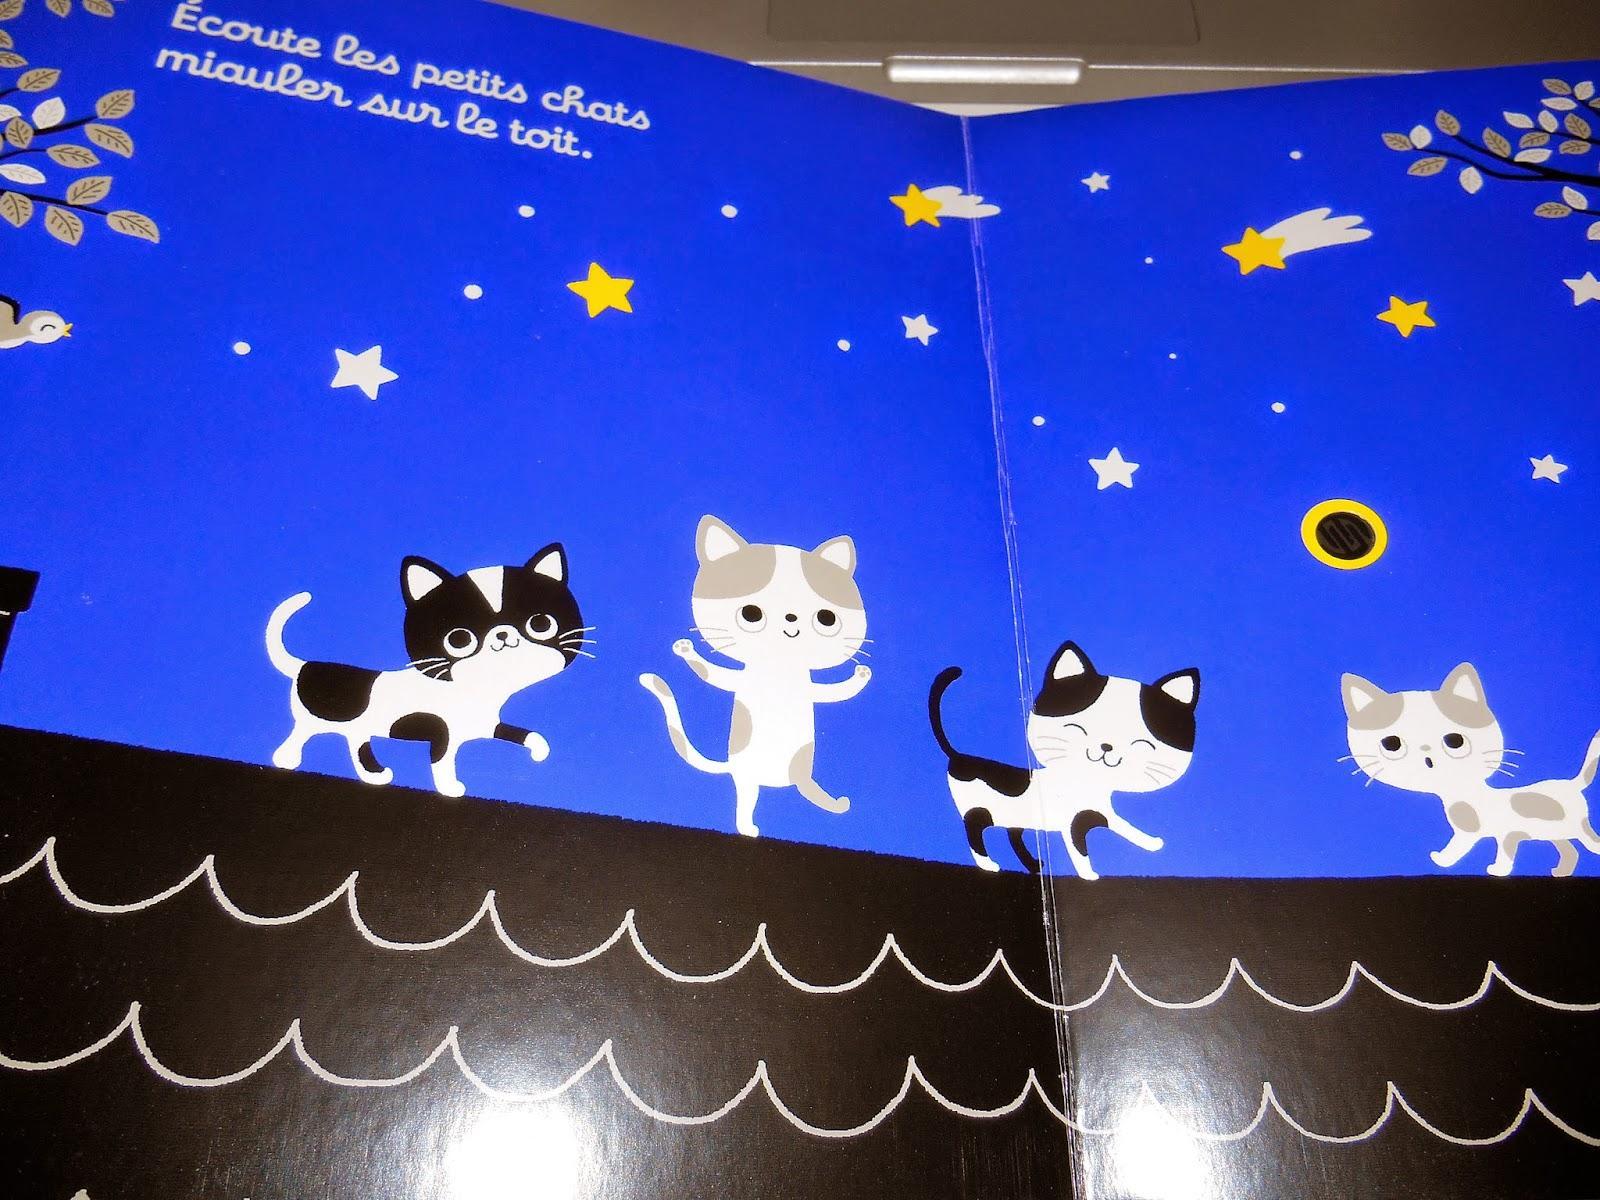 Ecoute dans la nuit paperblog - Bruit qui attire les chats ...